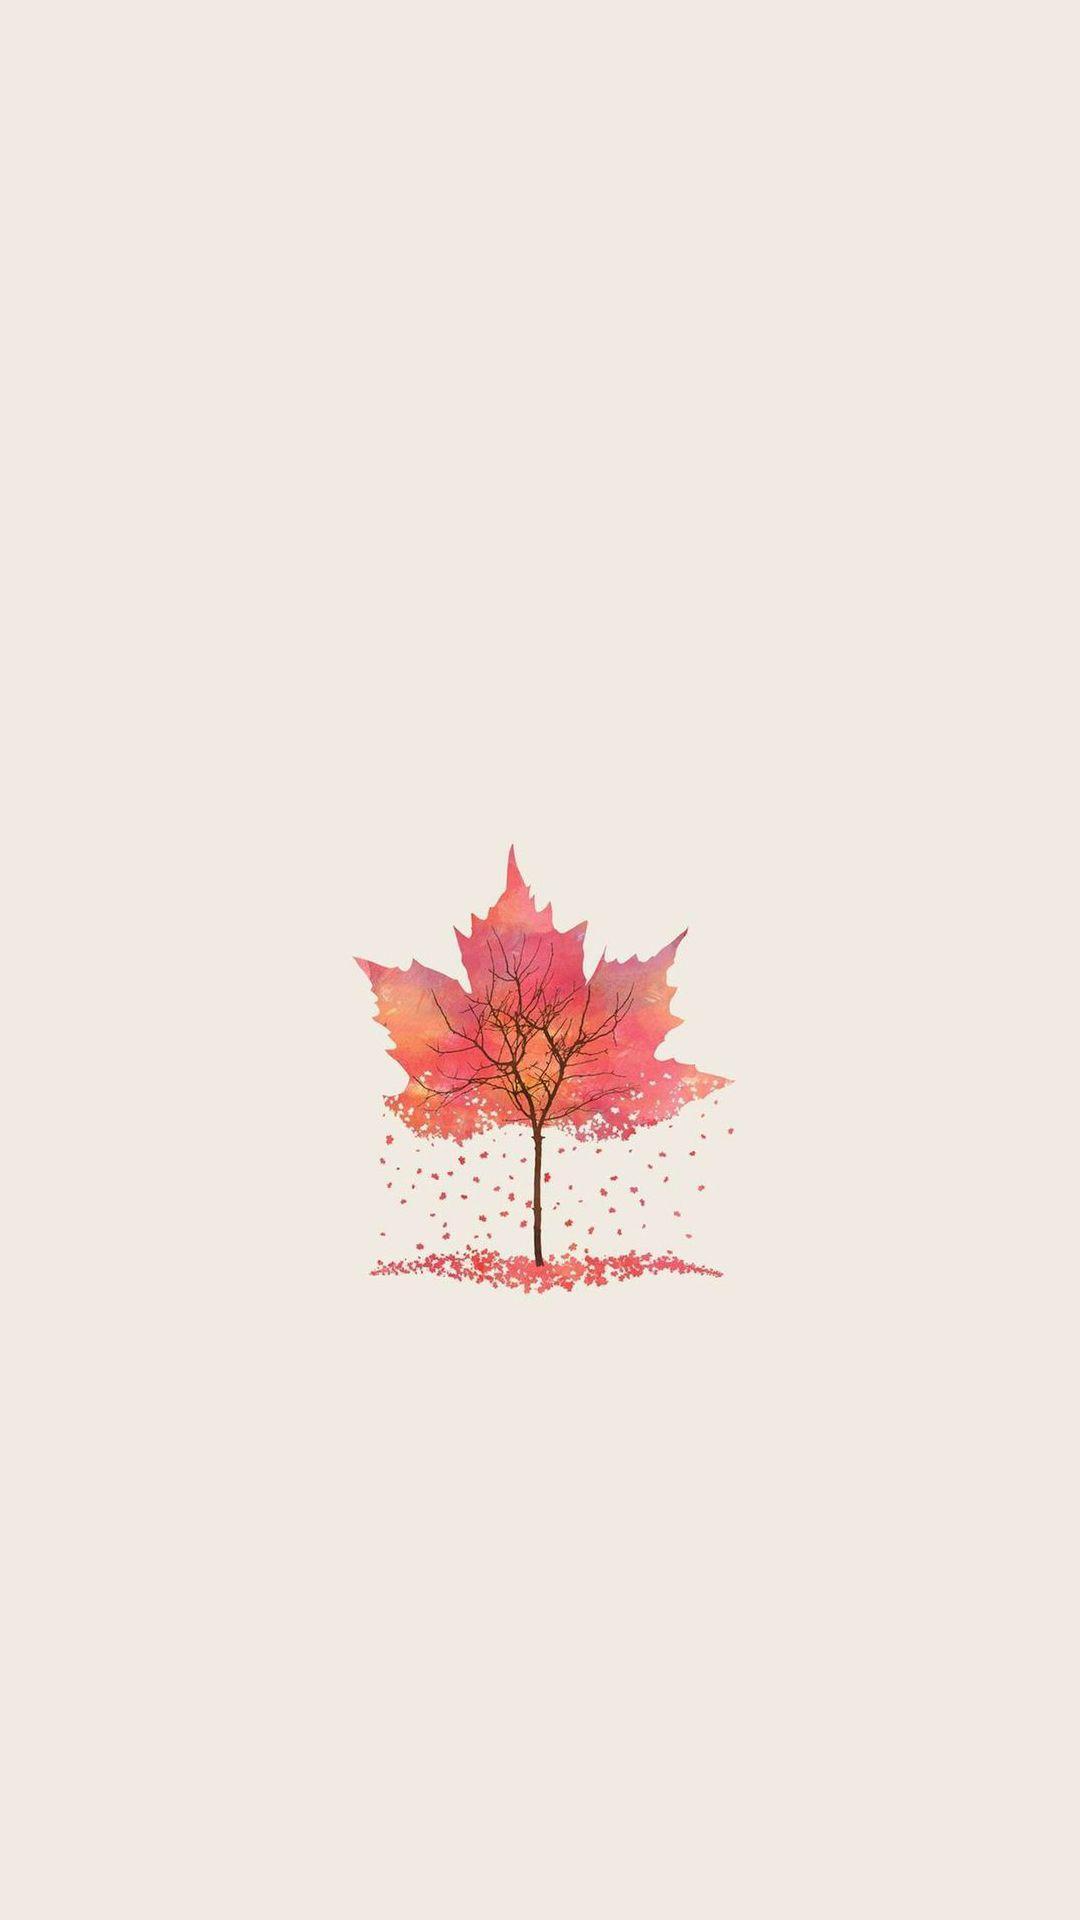 Minimalist Autumn Wallpapers Top Free Minimalist Autumn